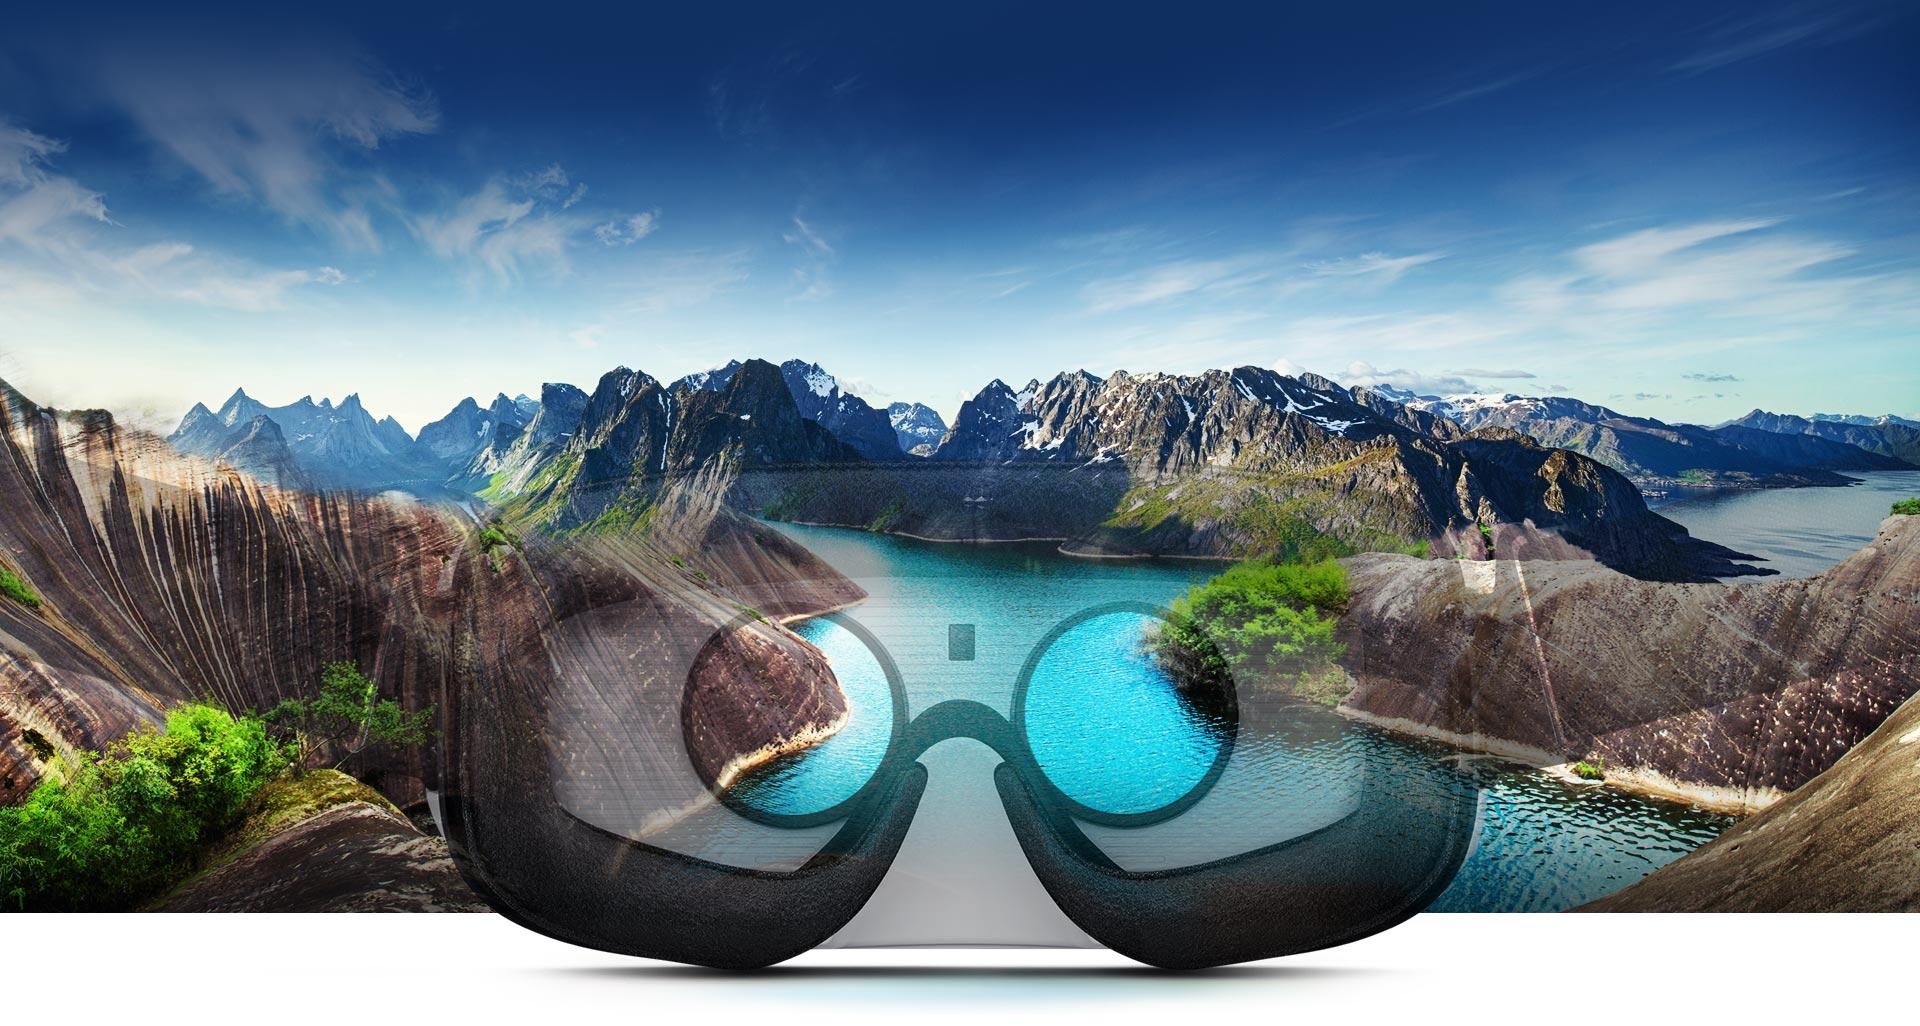 Mở khóa thế giới thực tế ảo với bộ đôi Galaxy S7 và Gear VR - Ảnh 4.